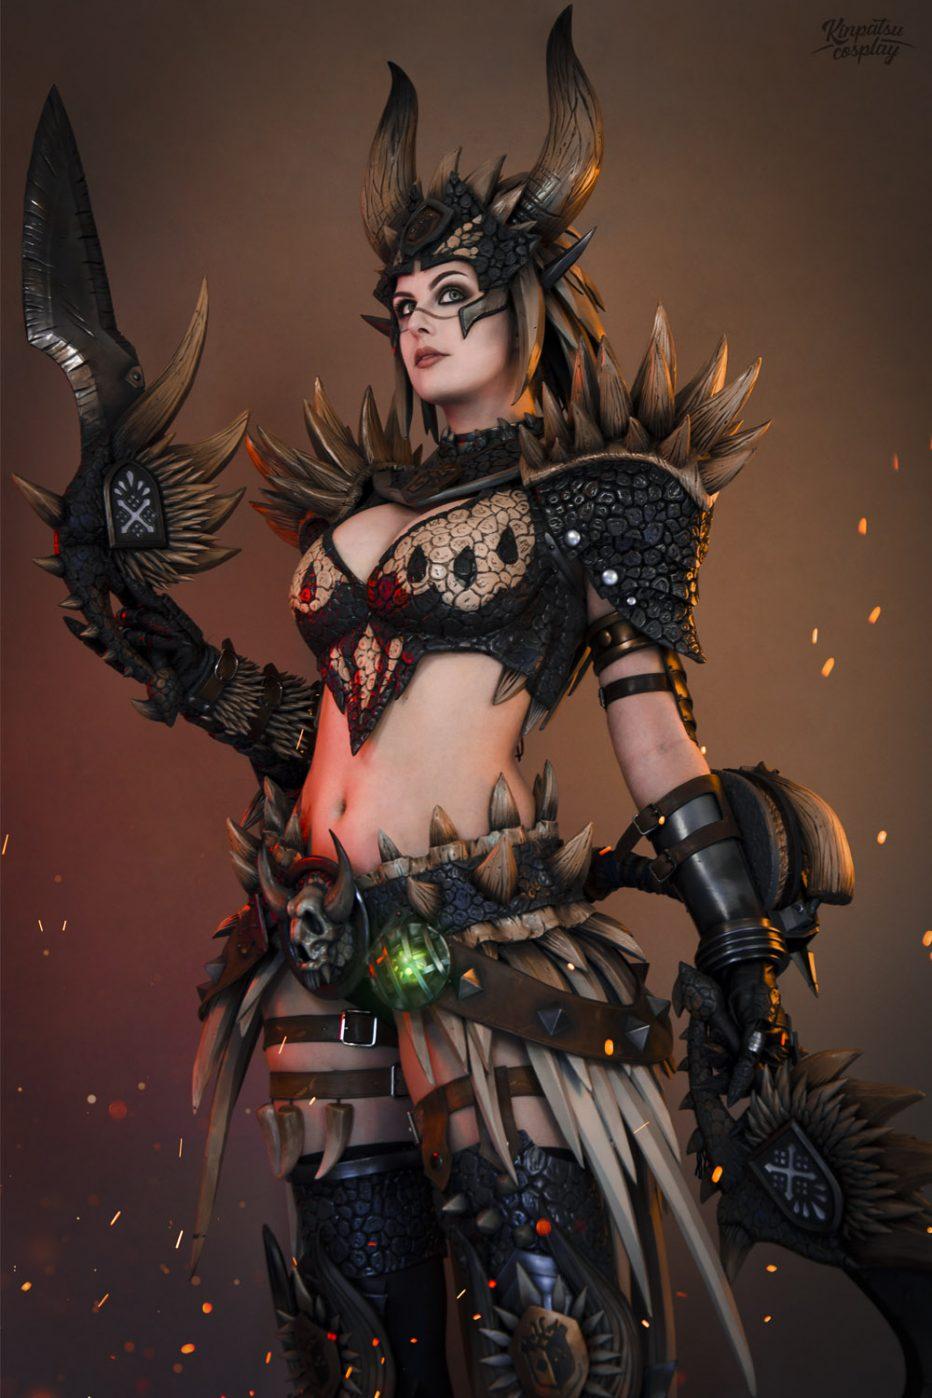 Monster-Hunter-Nergigante-Armor-Gamers-Heroes-1.jpg